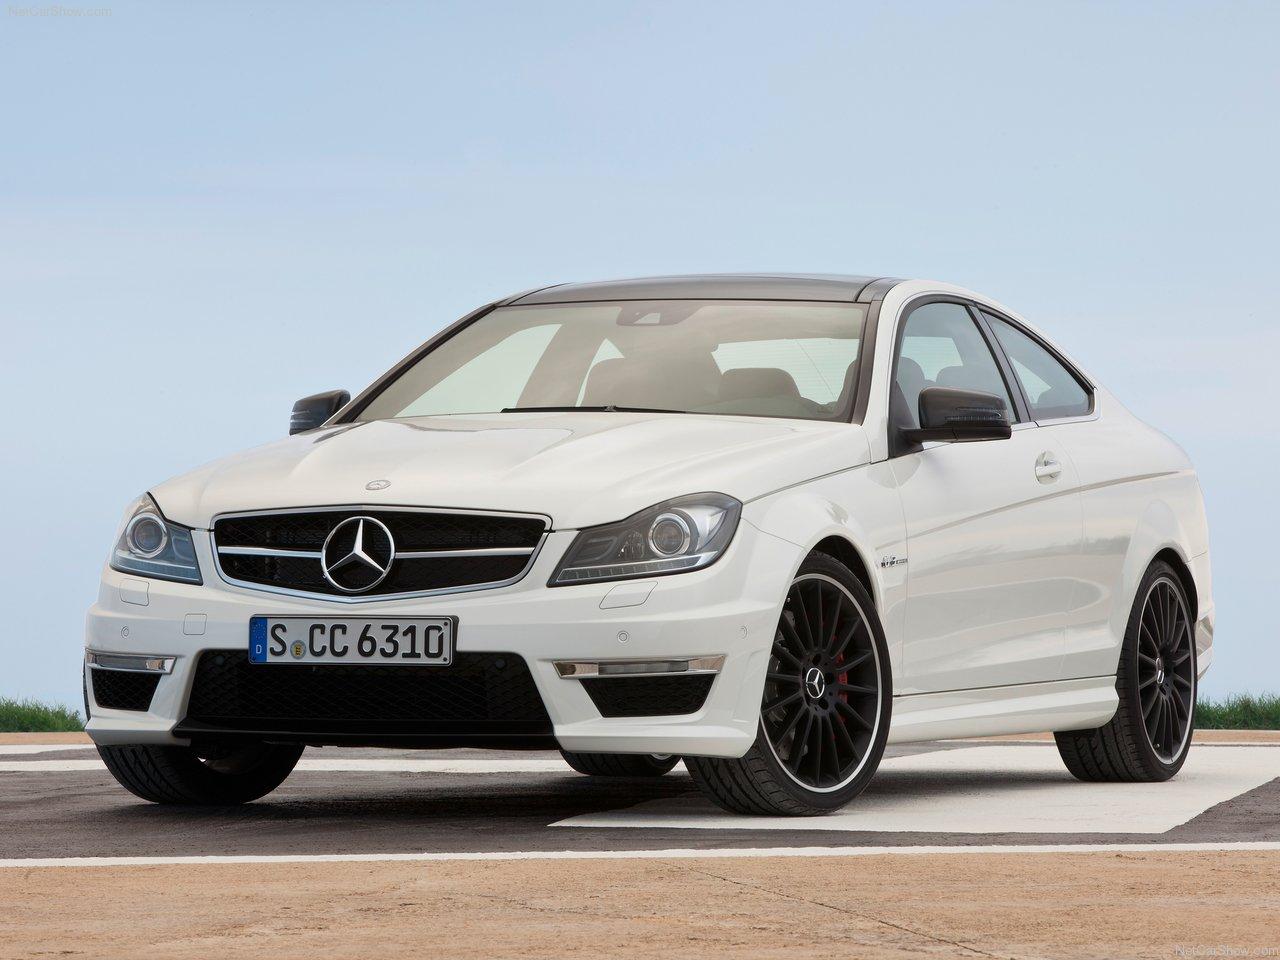 http://3.bp.blogspot.com/-Pr5YU1b3GHM/TZZWnDVmqgI/AAAAAAAABs8/mU31xQ8FeRU/s1600/Mercedes-Benz-C63_AMG_Coupe_2012_1280x960_wallpaper_02.jpg